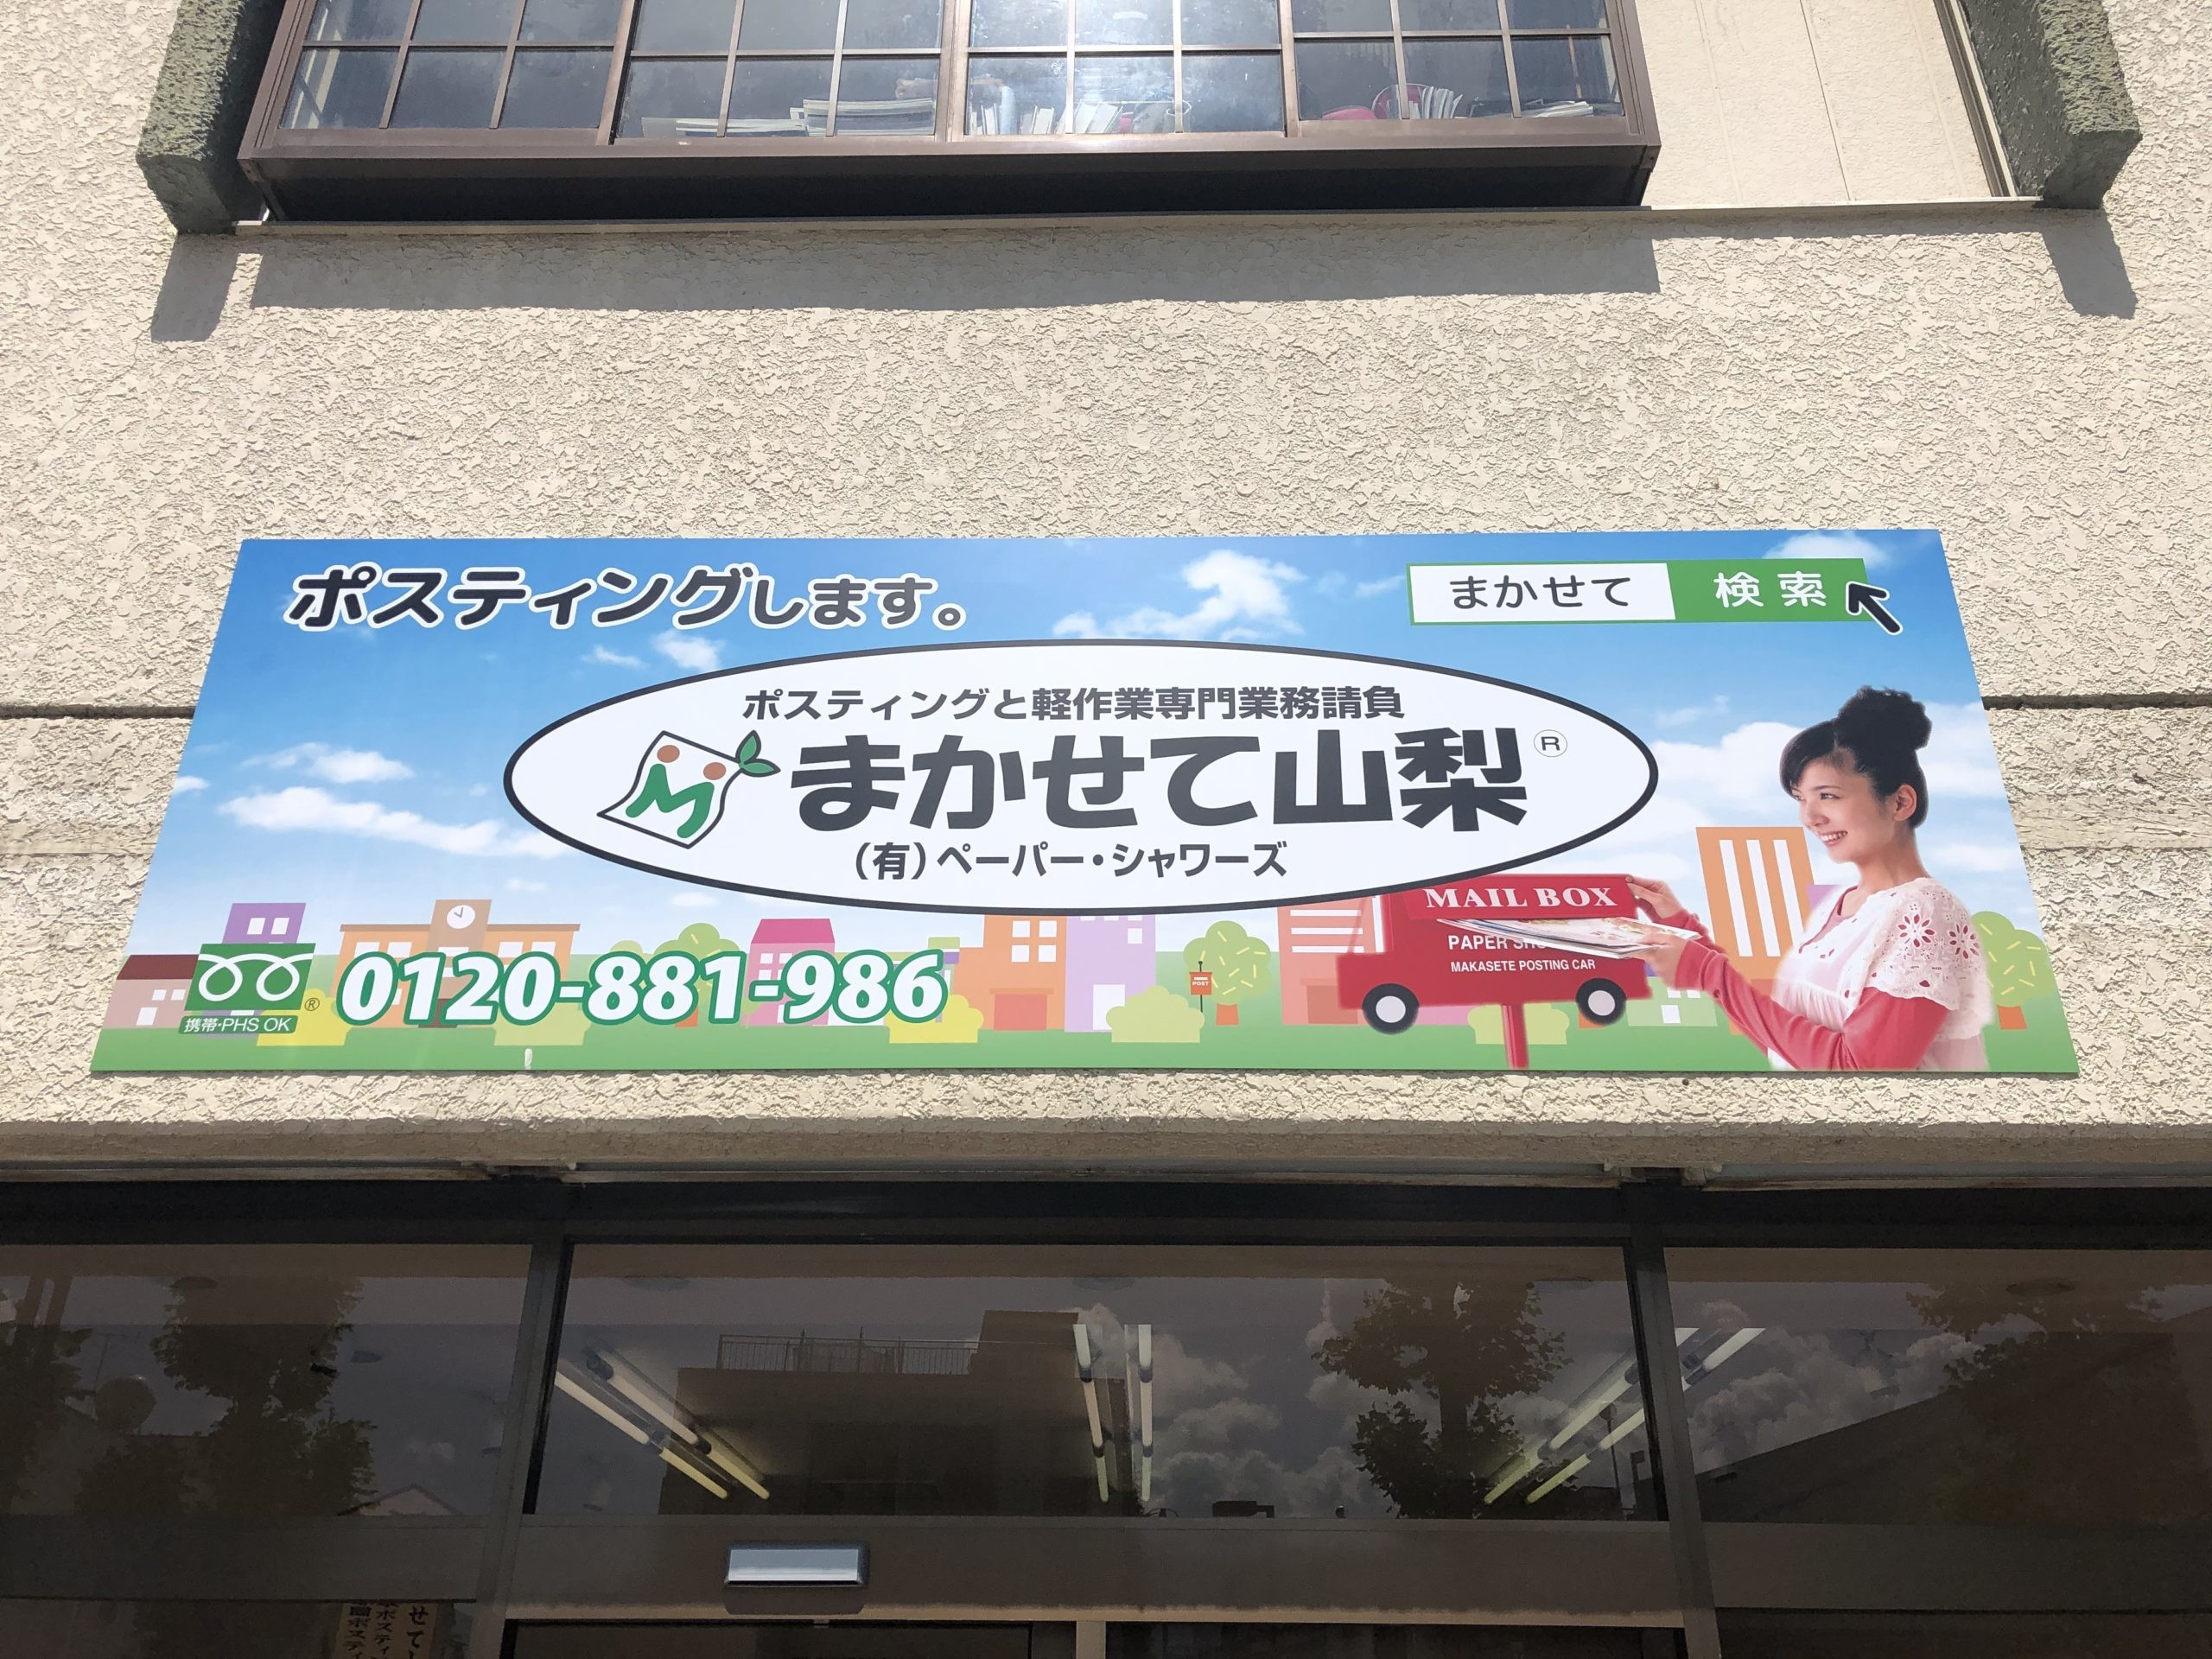 新店奮闘記【まかせて山梨 グランドオープン!!】